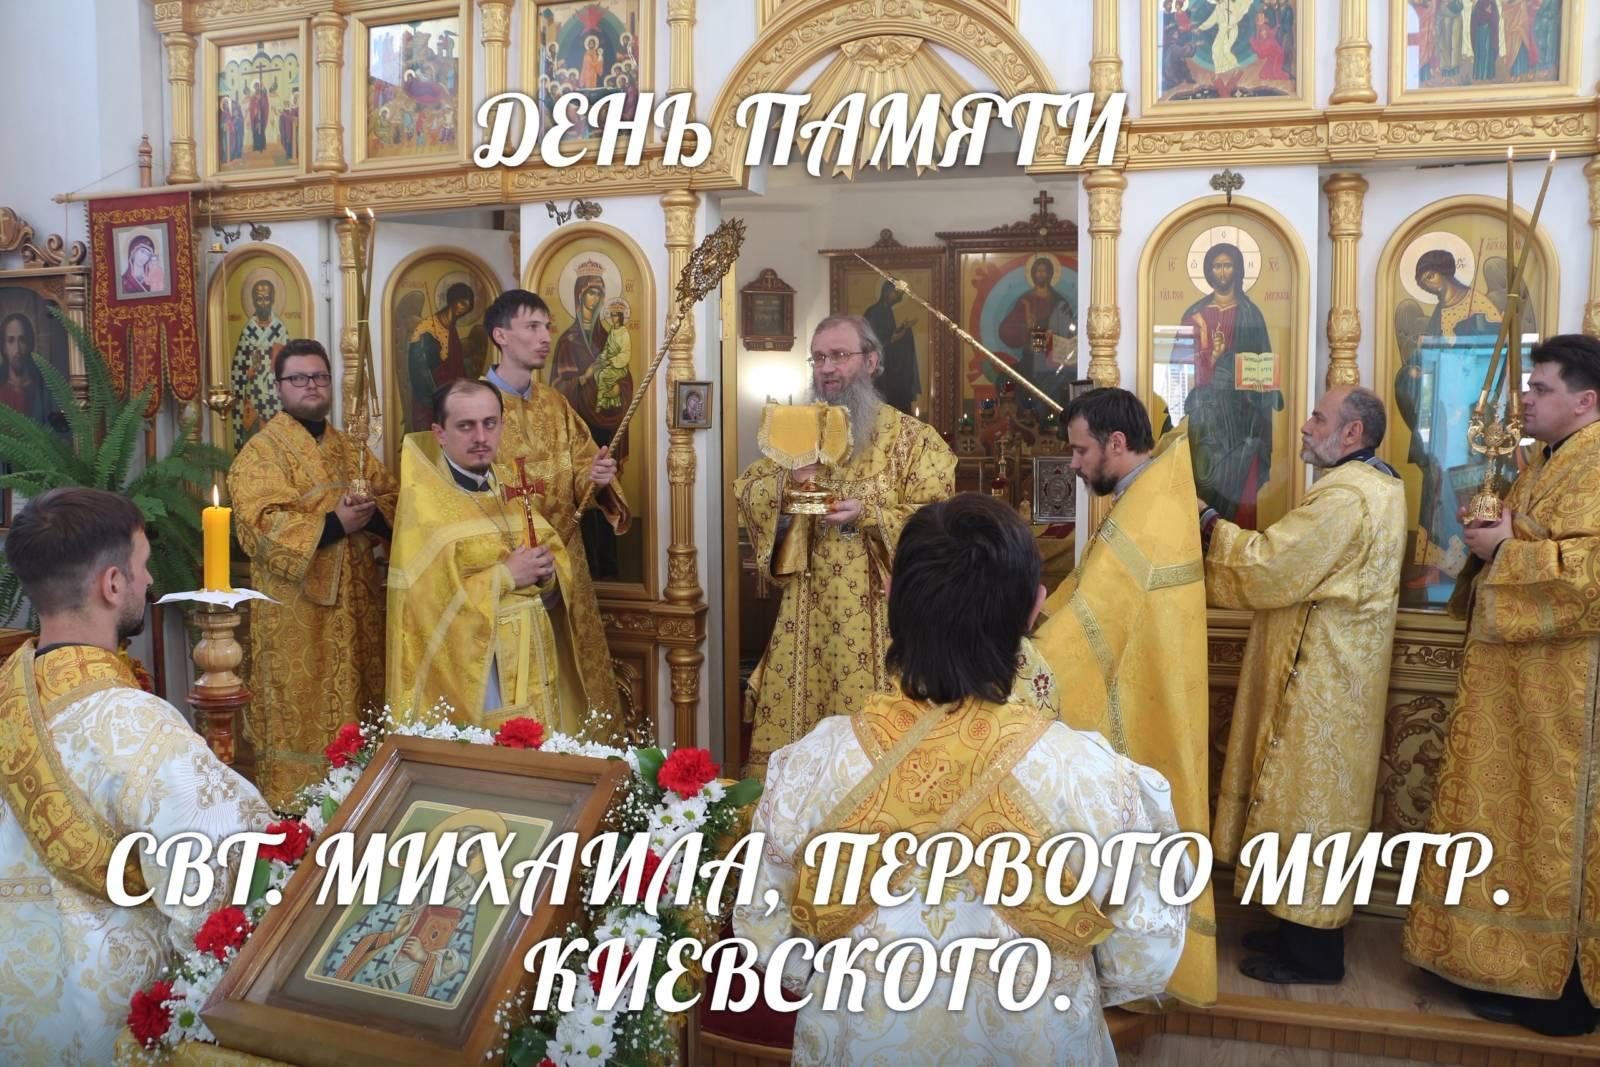 Служение епископа Елисея в день памяти Свт. Михаила, первого митр. Киевского.